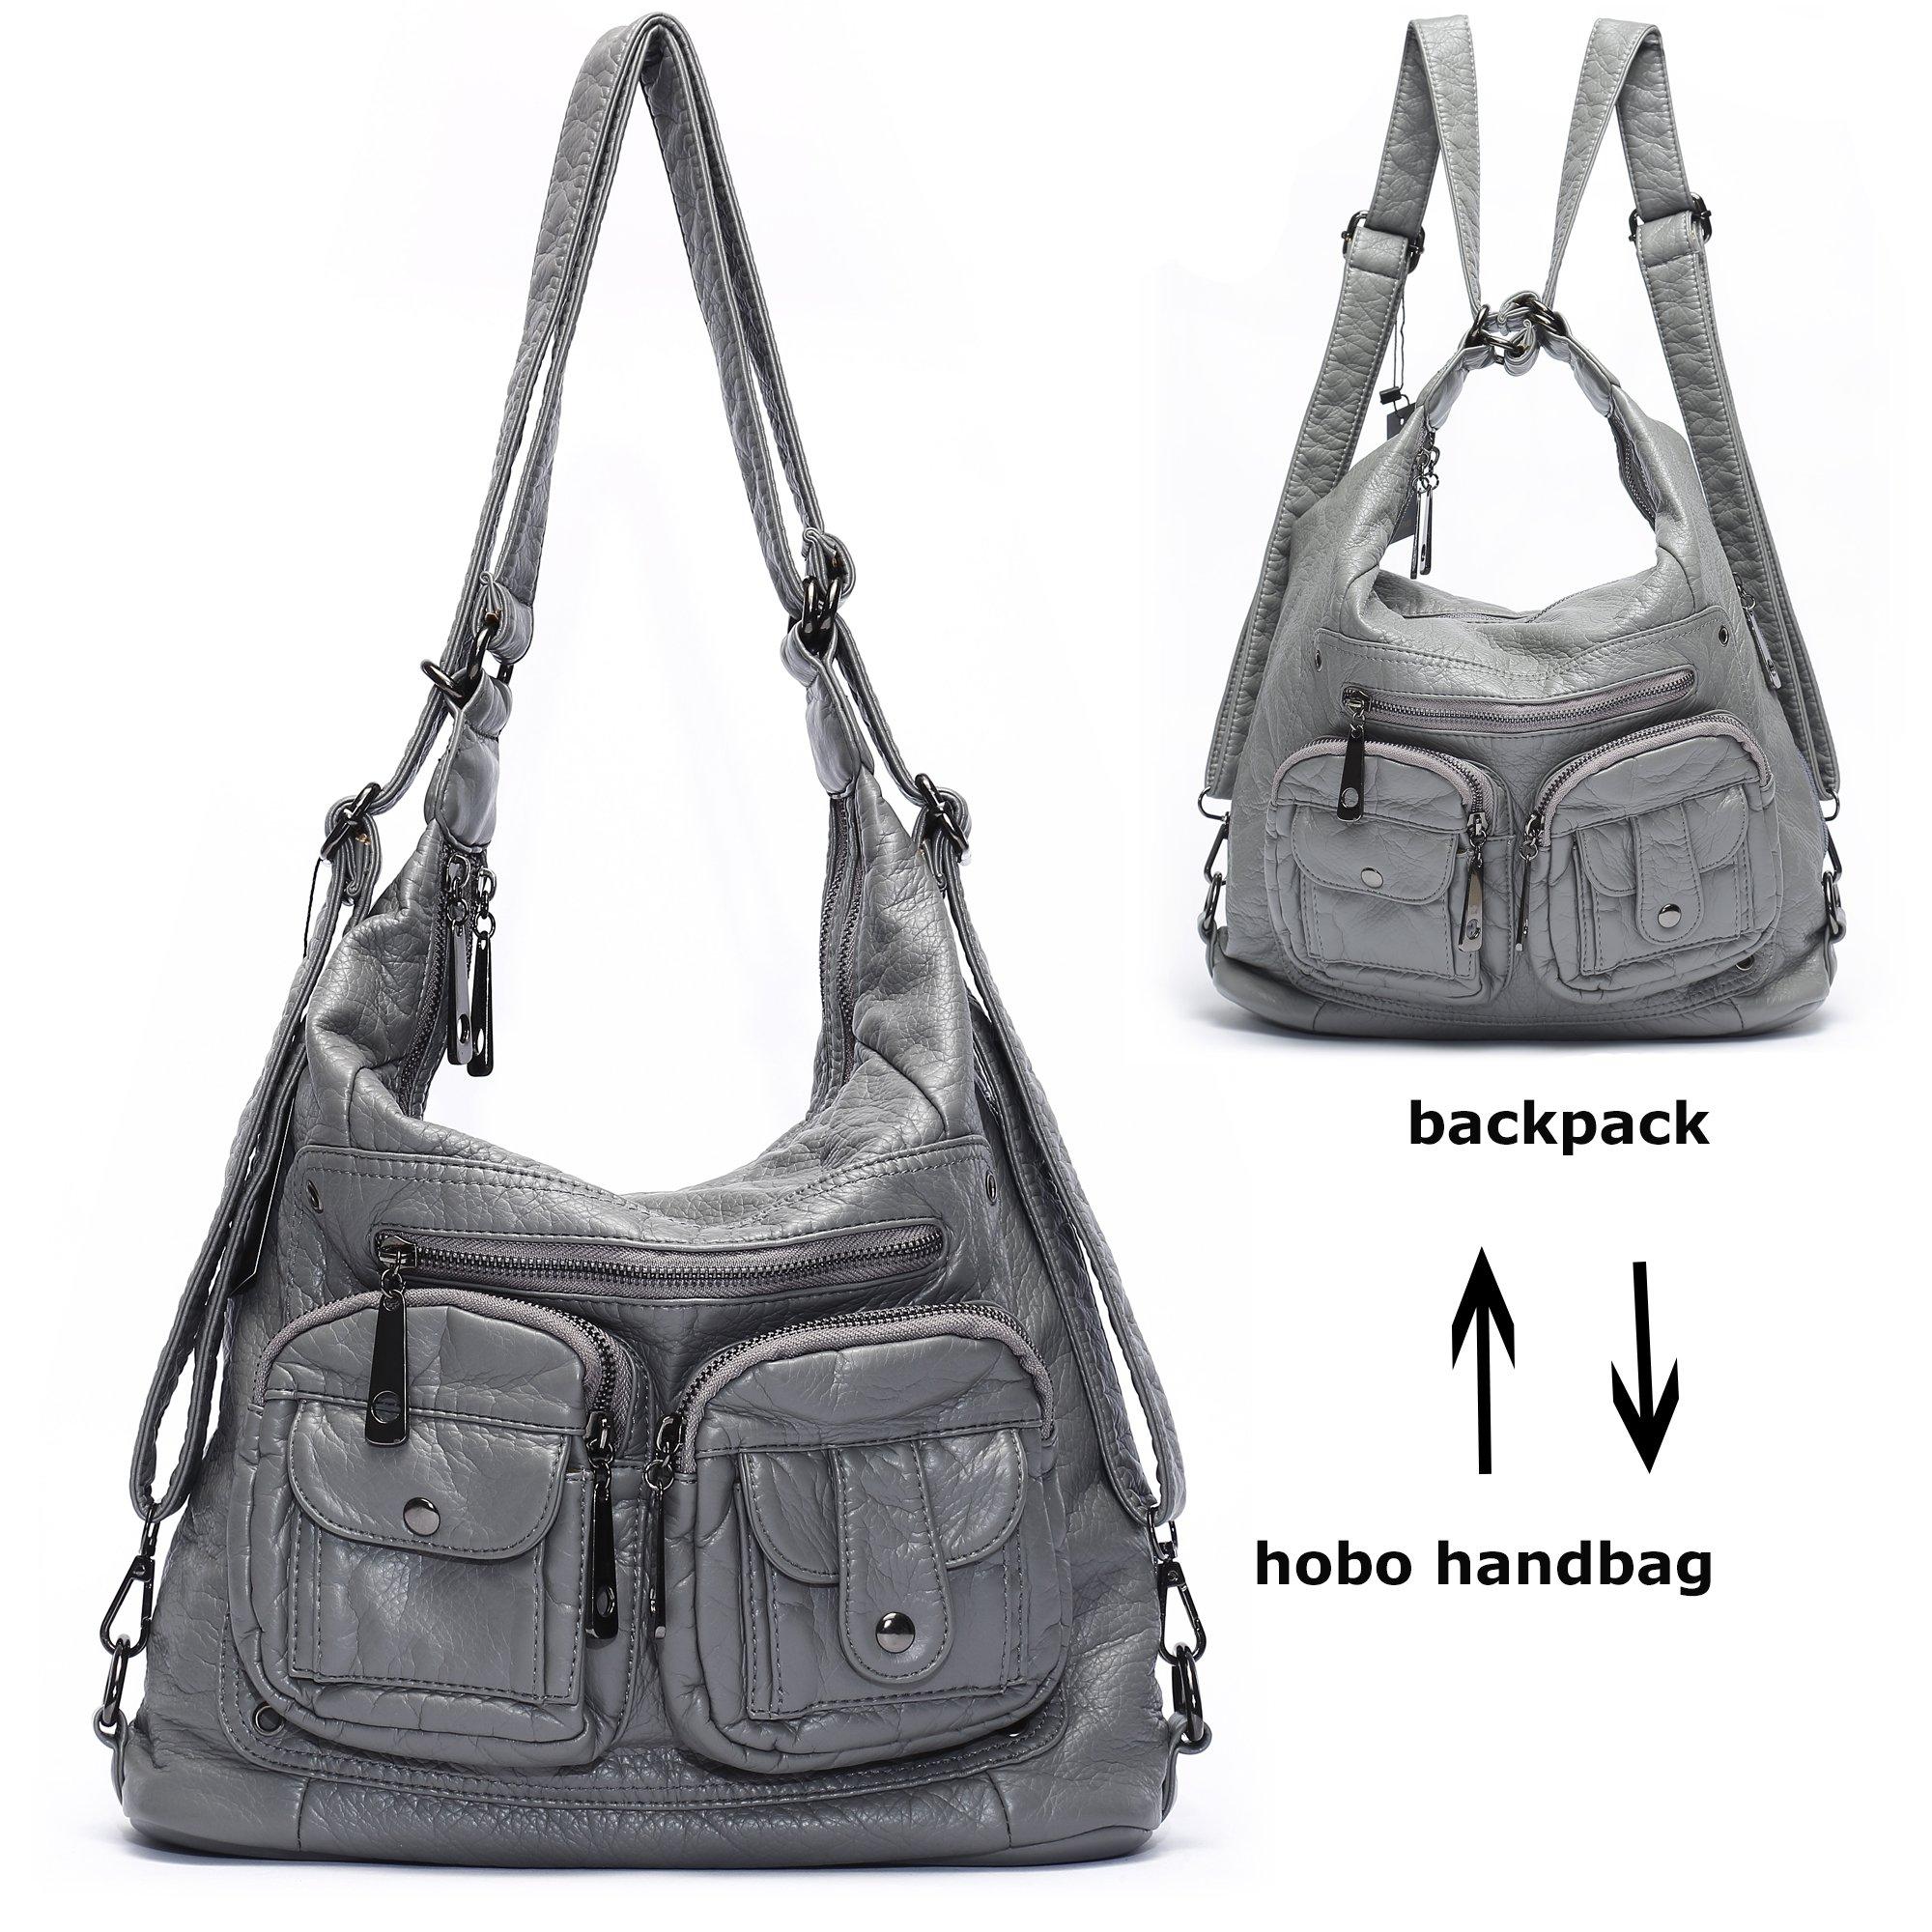 Mlife Soft Washed Leather Women Shoulder Bag Hobo Backpack (Grey)